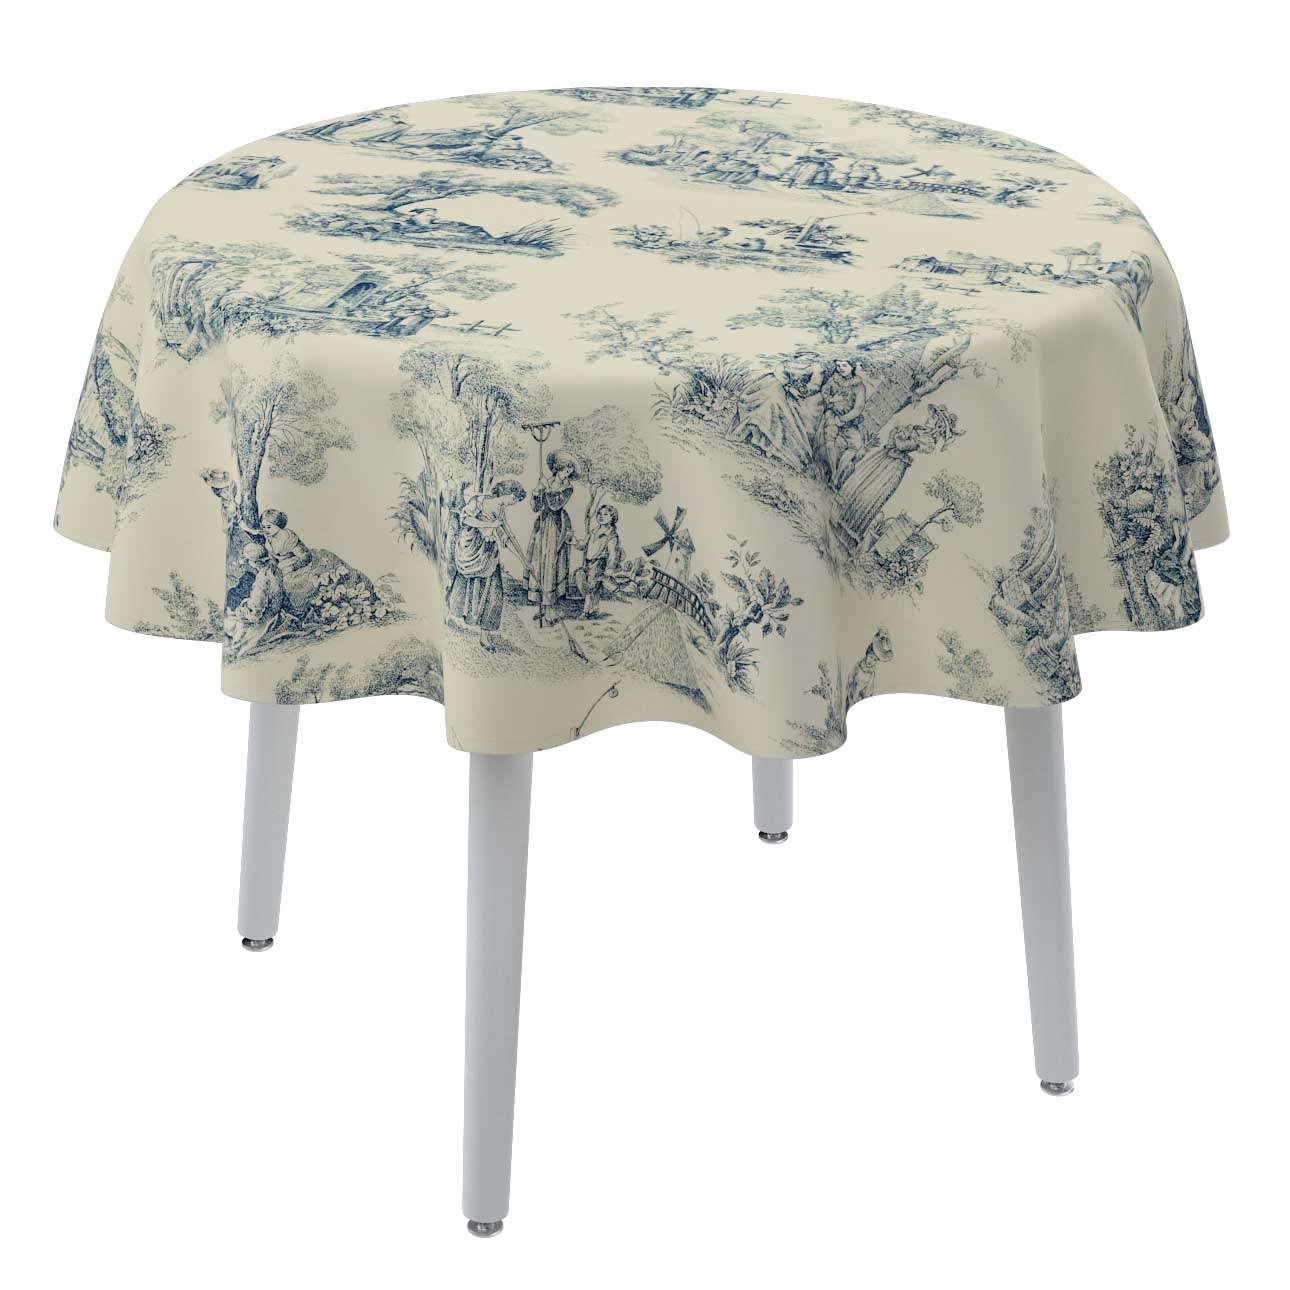 Staltiesės (apvaliam stalui) kolekcijoje Avinon, audinys: 132-66